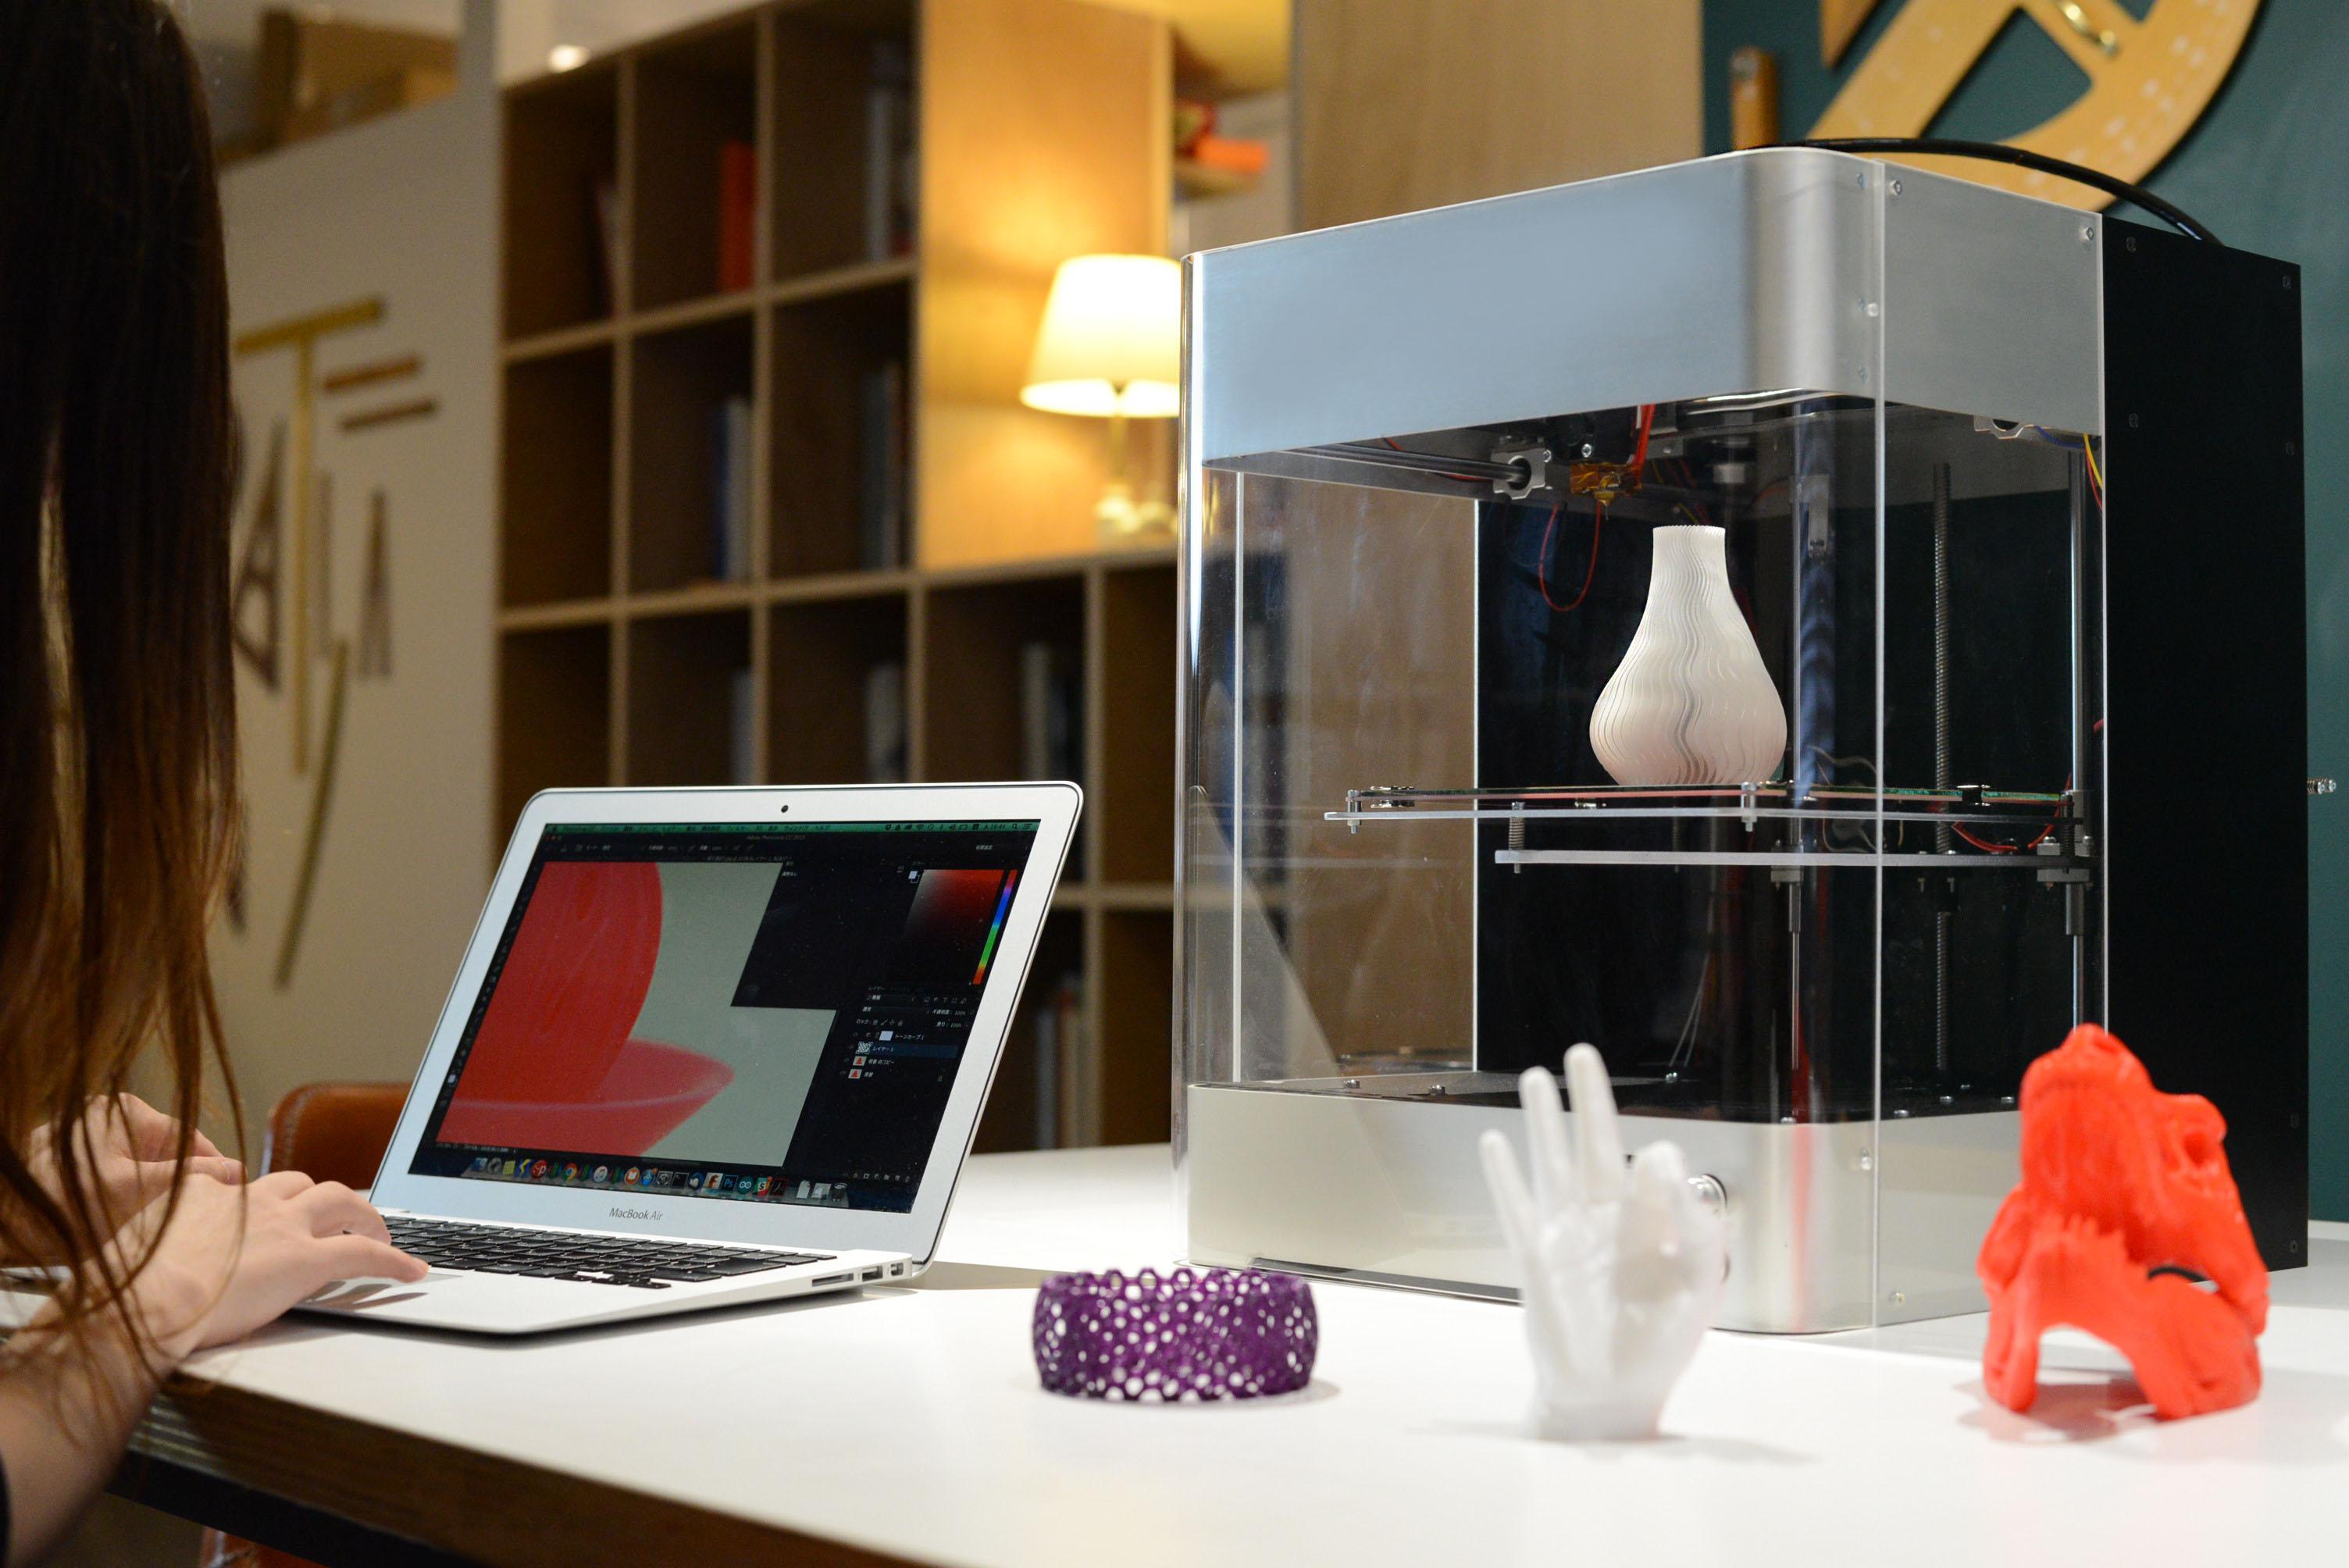 LeptonとTrino2 3Dプリンターのレンタルサービスを開始しました!